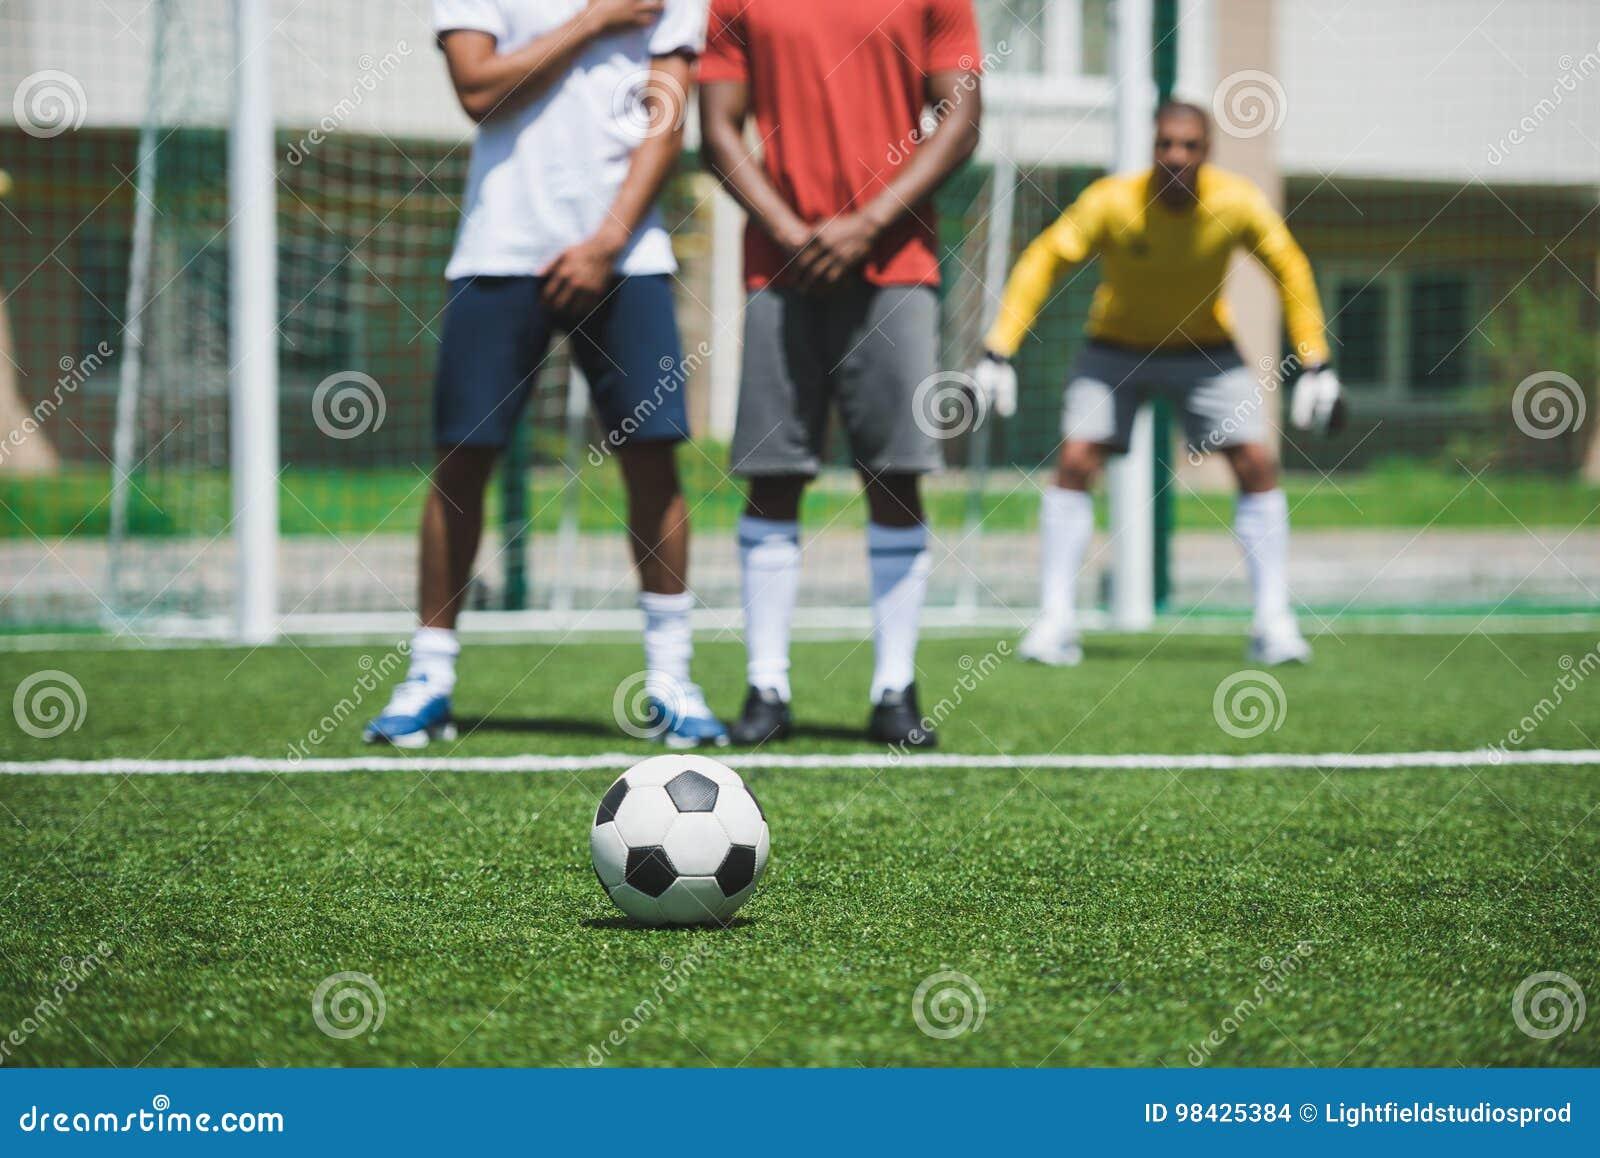 Футболисты во время футбольного матча на тангаже, фокусе на переднем плане